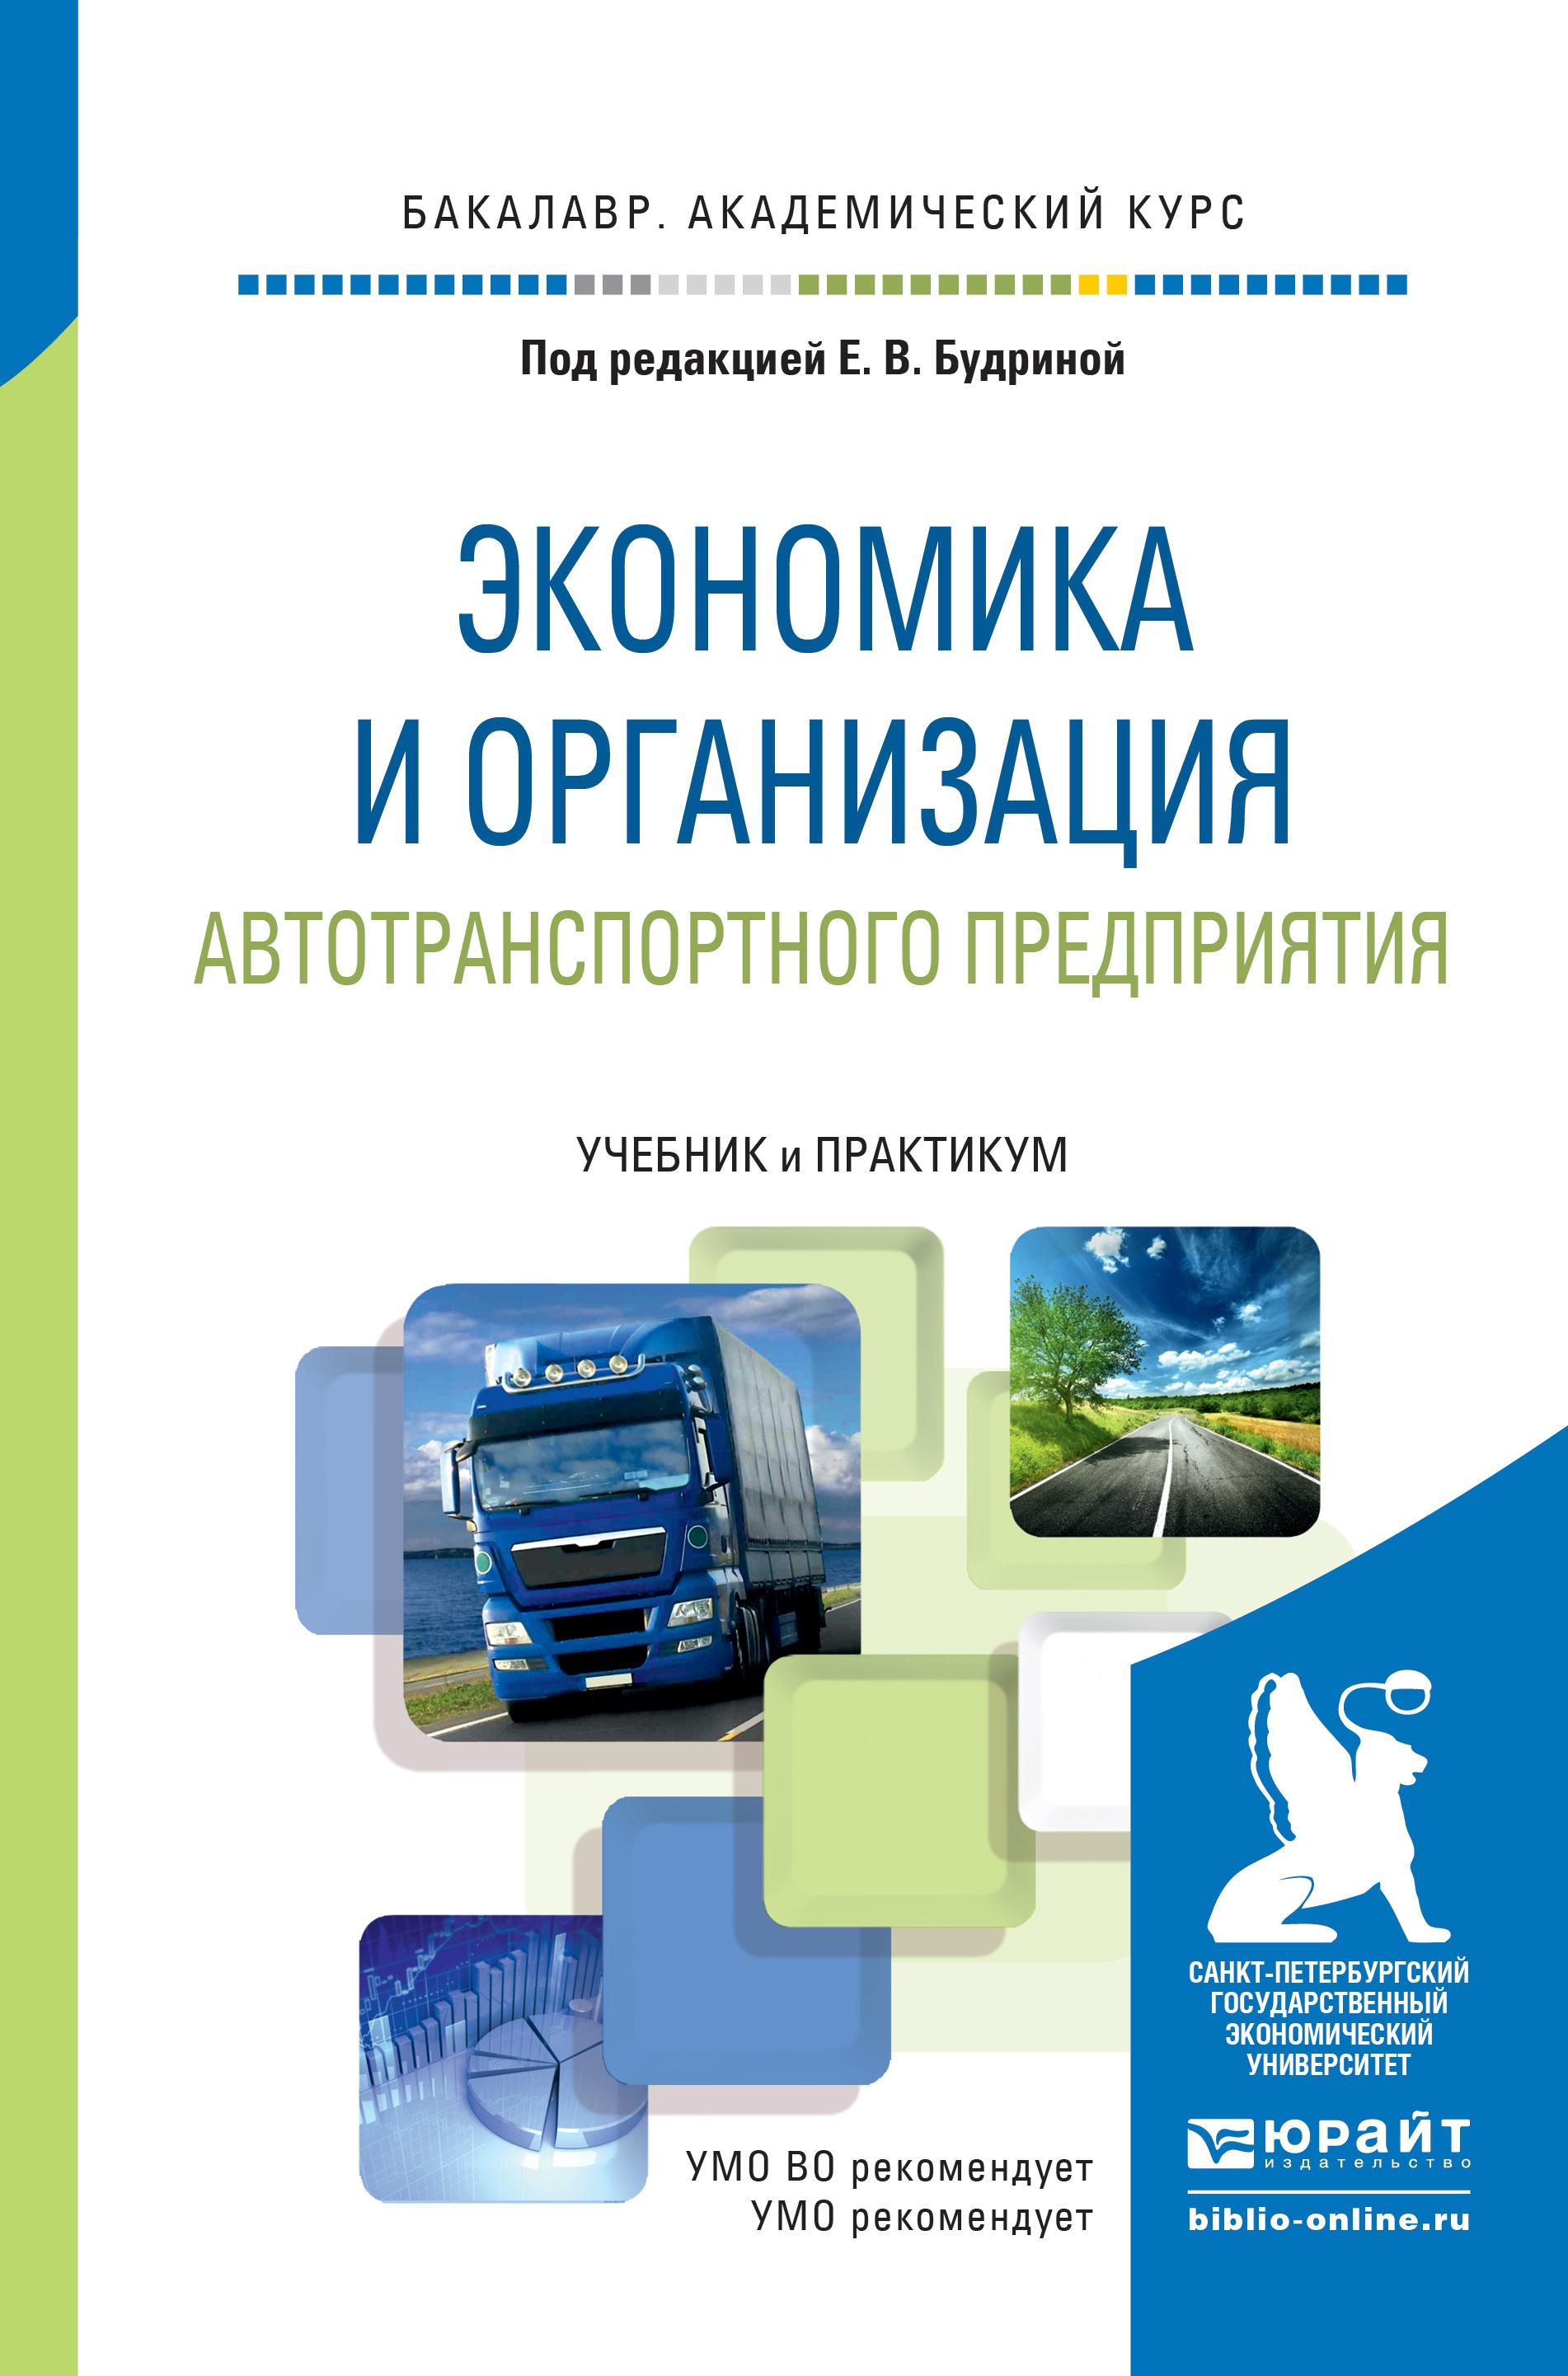 Наталья Анатольевна Логинова Экономика и организация автотранспортного предприятия. Учебник и практикум для академического бакалавриата